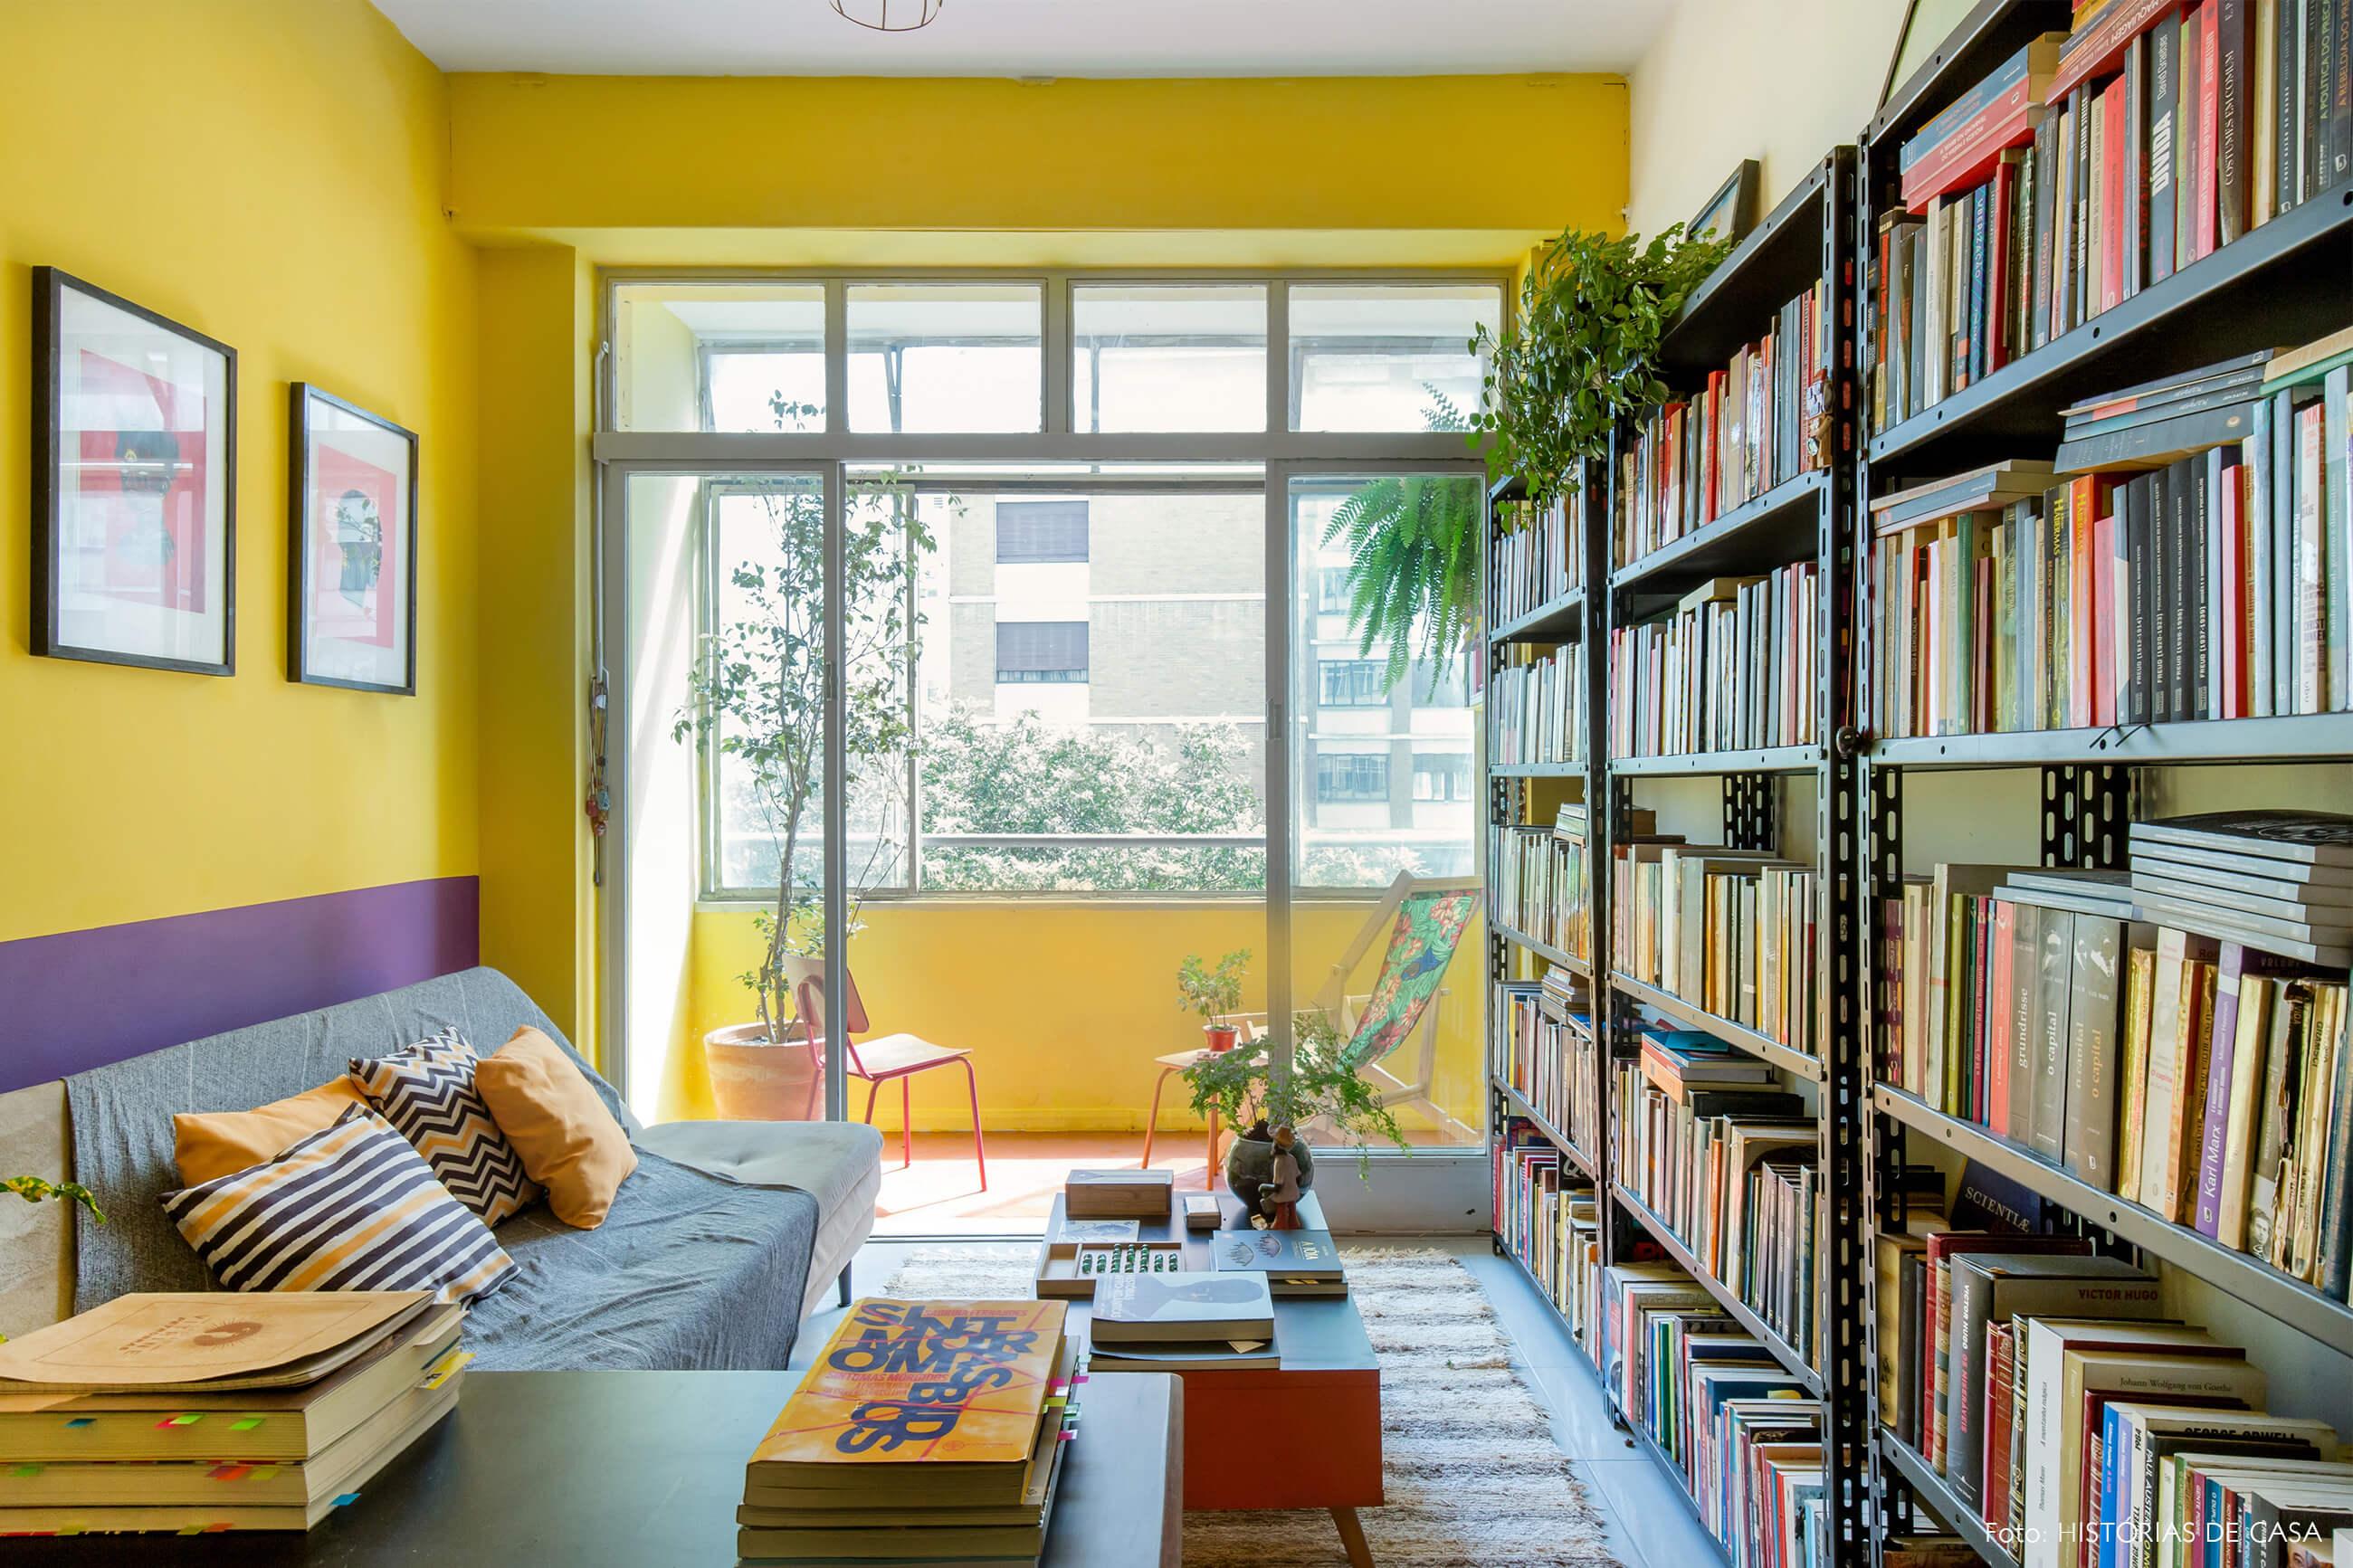 home-office-parede-amarela-e-roxa-almofadas-estampadas-amarelo-e-preto-livros-mesa-cenrto-laranja-varanda